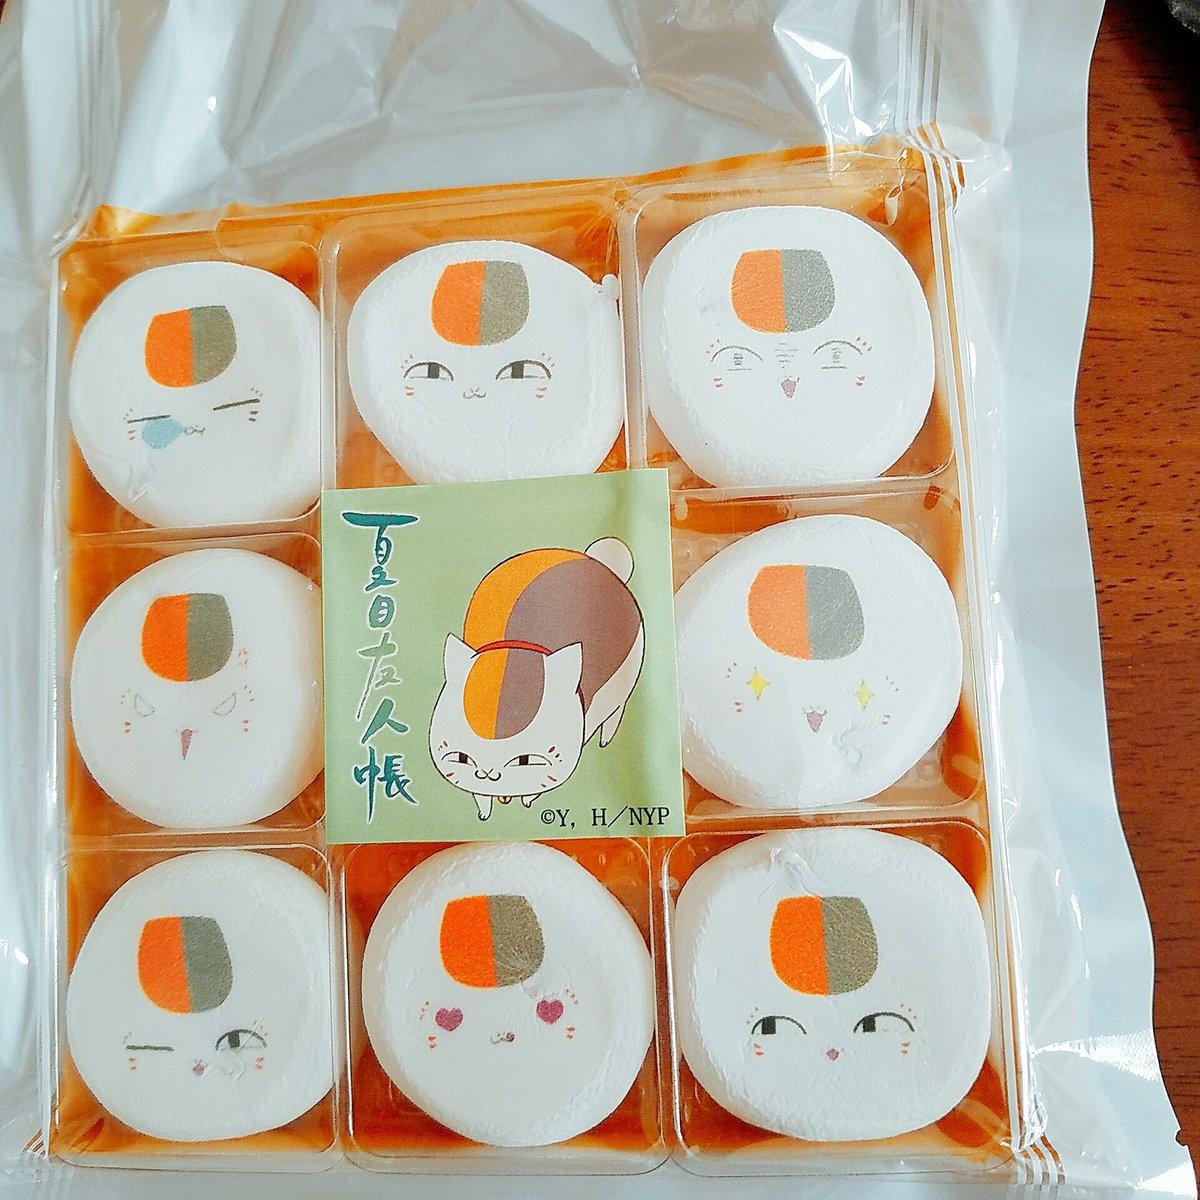 梅田のキディランド内ネコマートで購入 これと今回の目的 #夏目友人帳 #にゃんこ先生